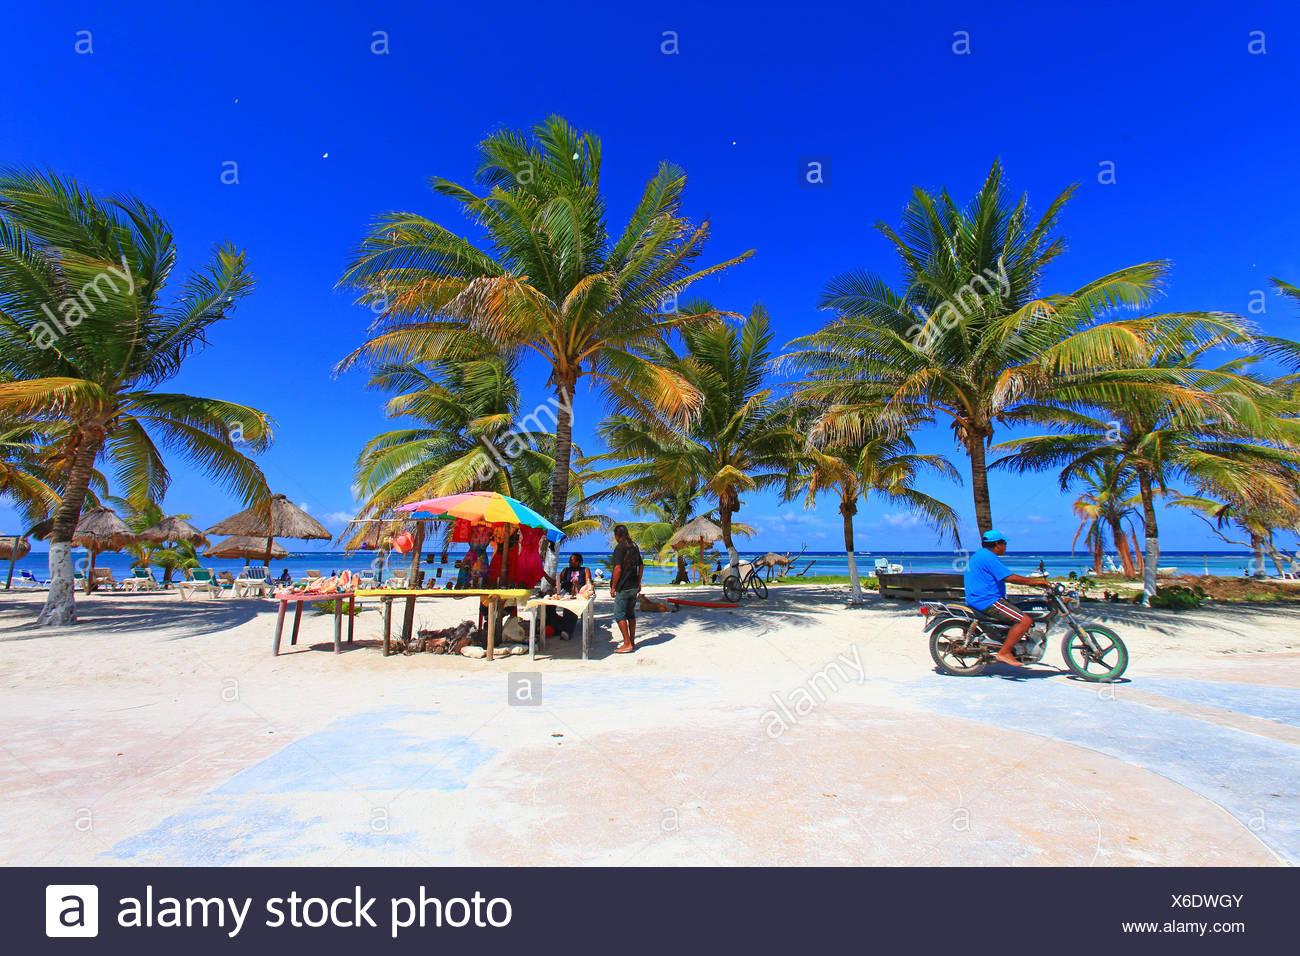 Mexico Quintana Roo Costa Maya Mahahual Beach Stock Photo Alamy